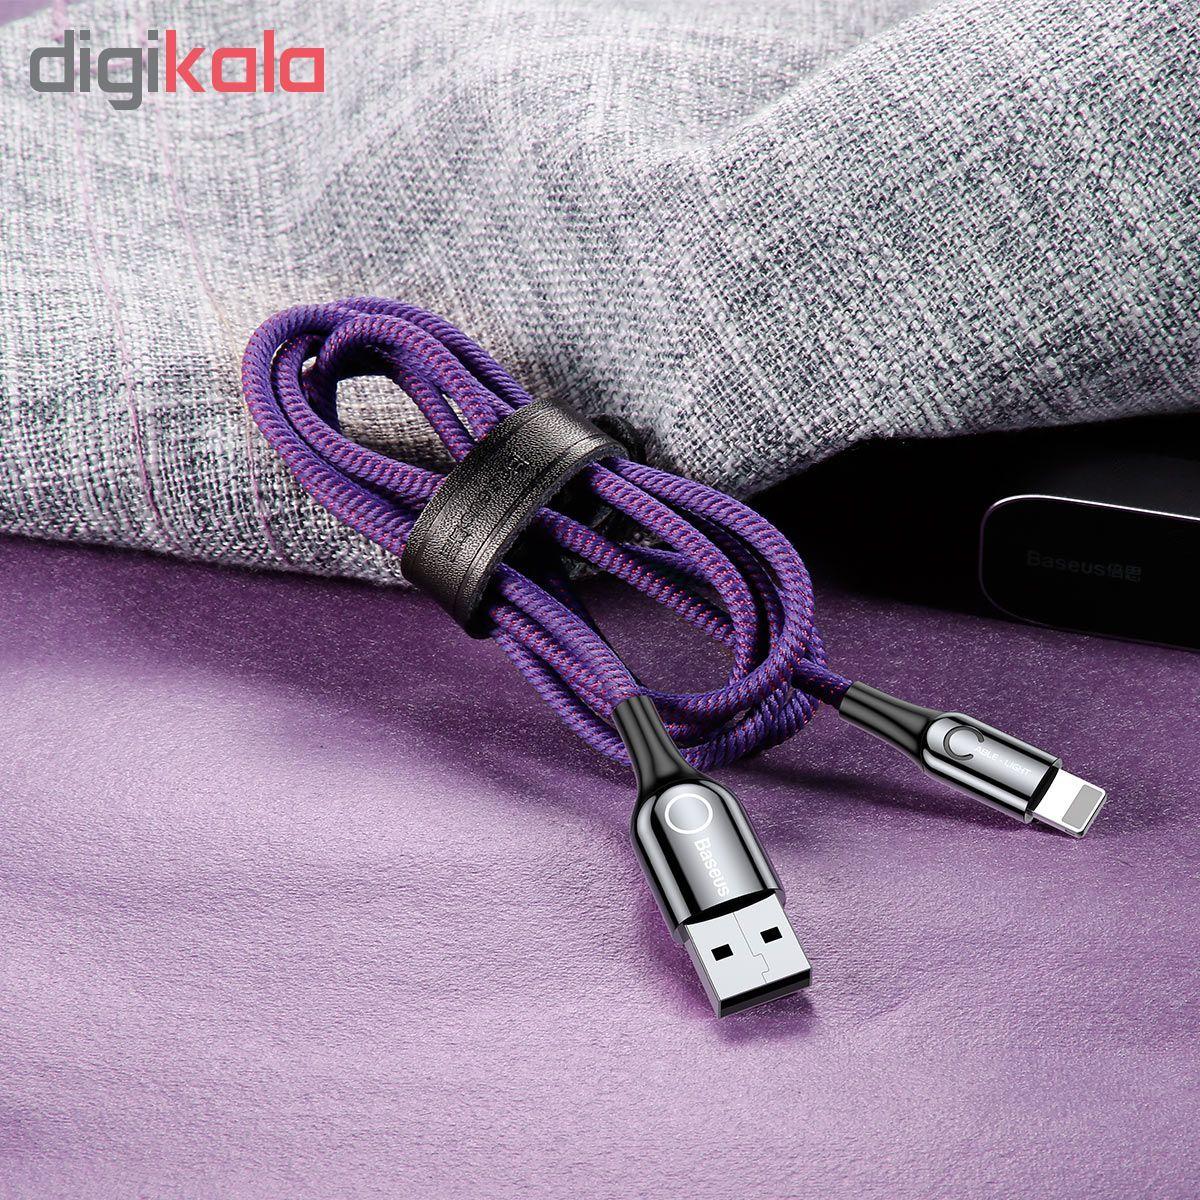 کابل تبدیل USB به لایتنینگ باسئوس مدل CALCD-01 طول 1 متر main 1 12